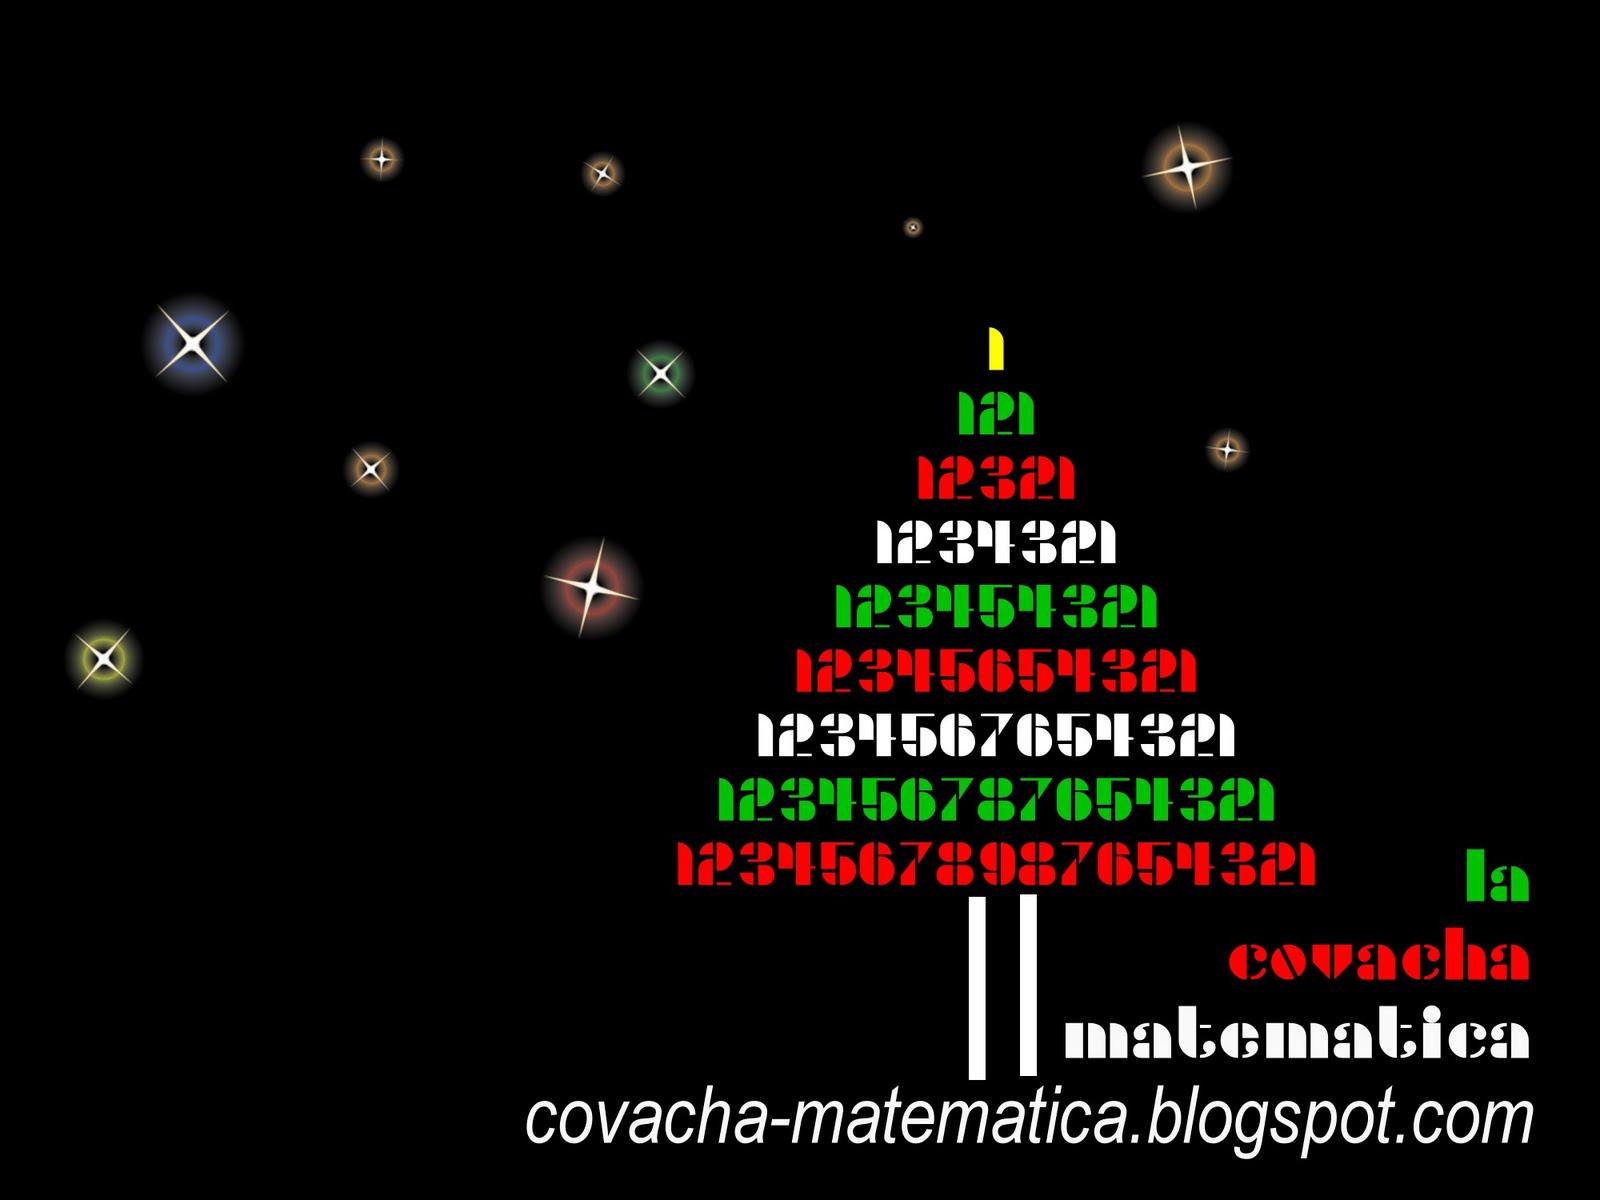 La Covacha Matemática: Archivo De Wallpapers Matemáticos